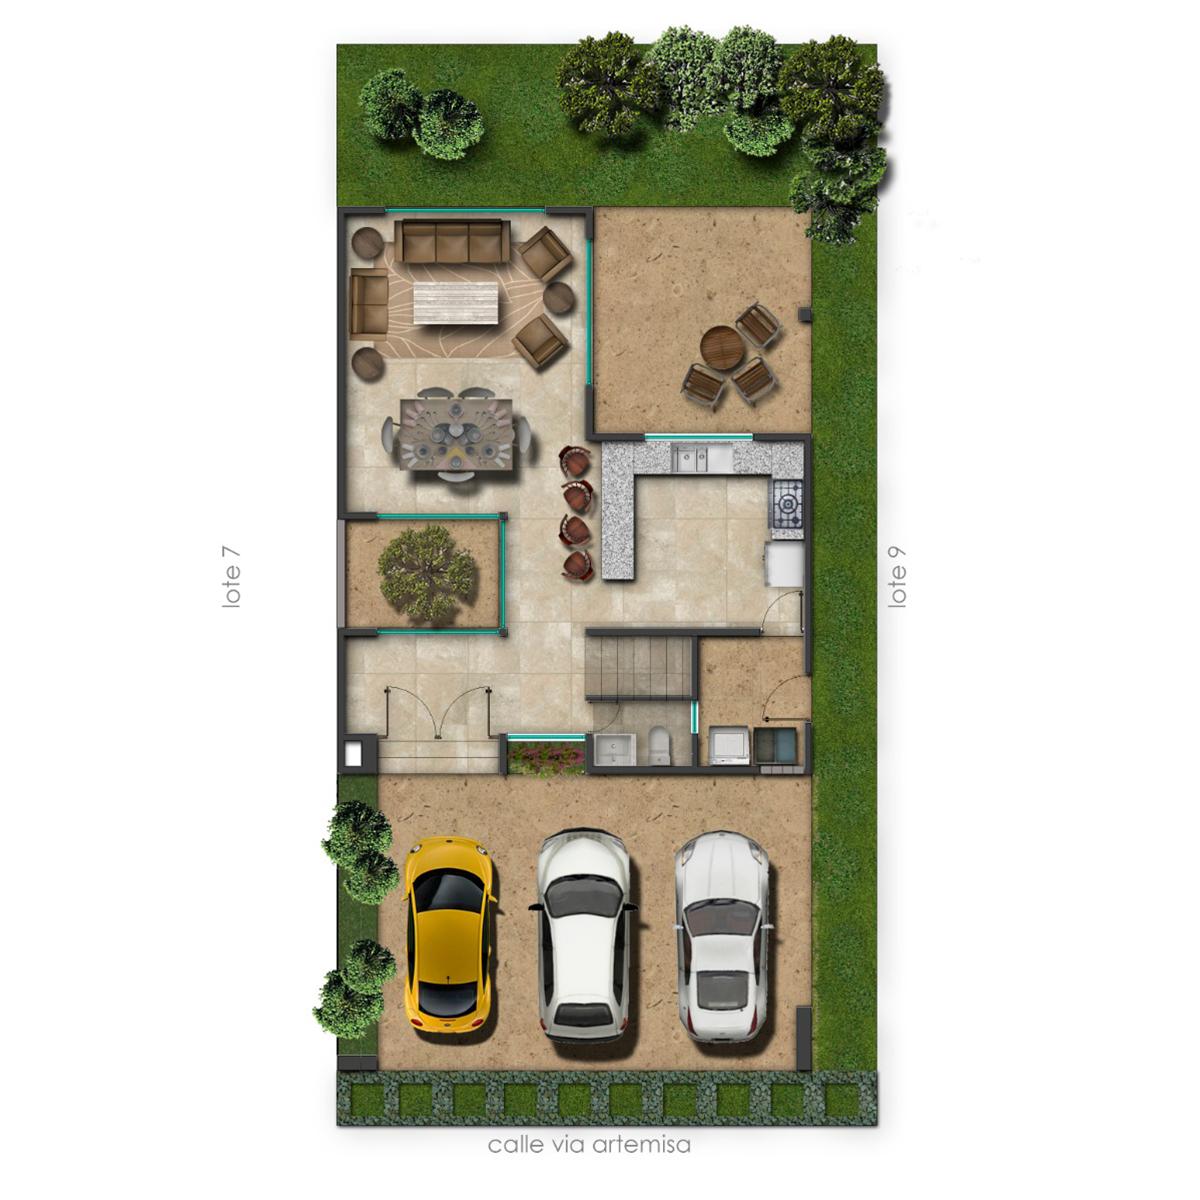 4 de 7: Cuenta con amplios espacios en planta baja